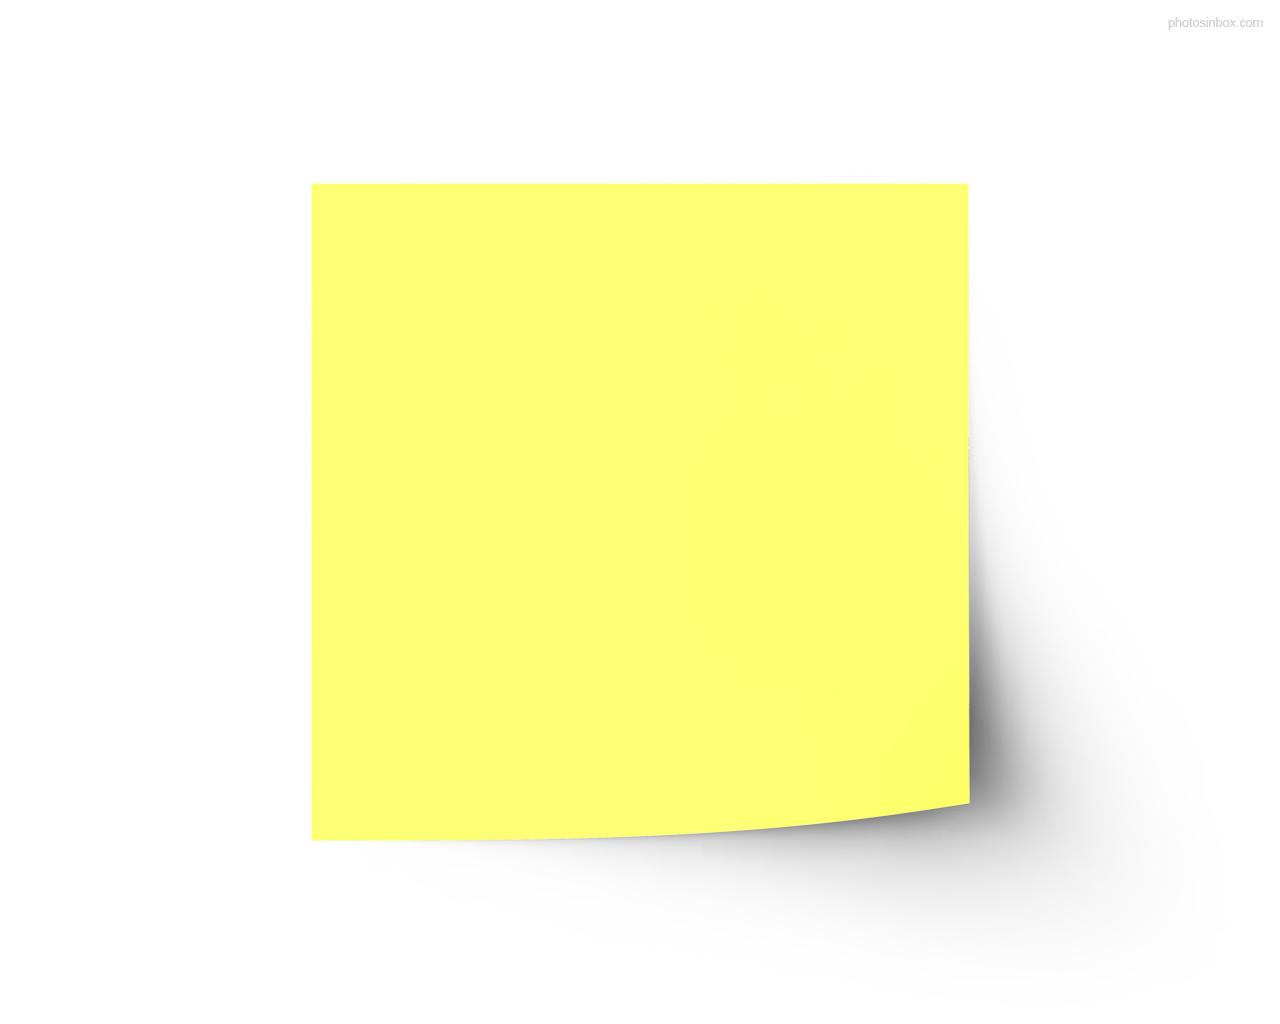 Sticky note clipart 3.